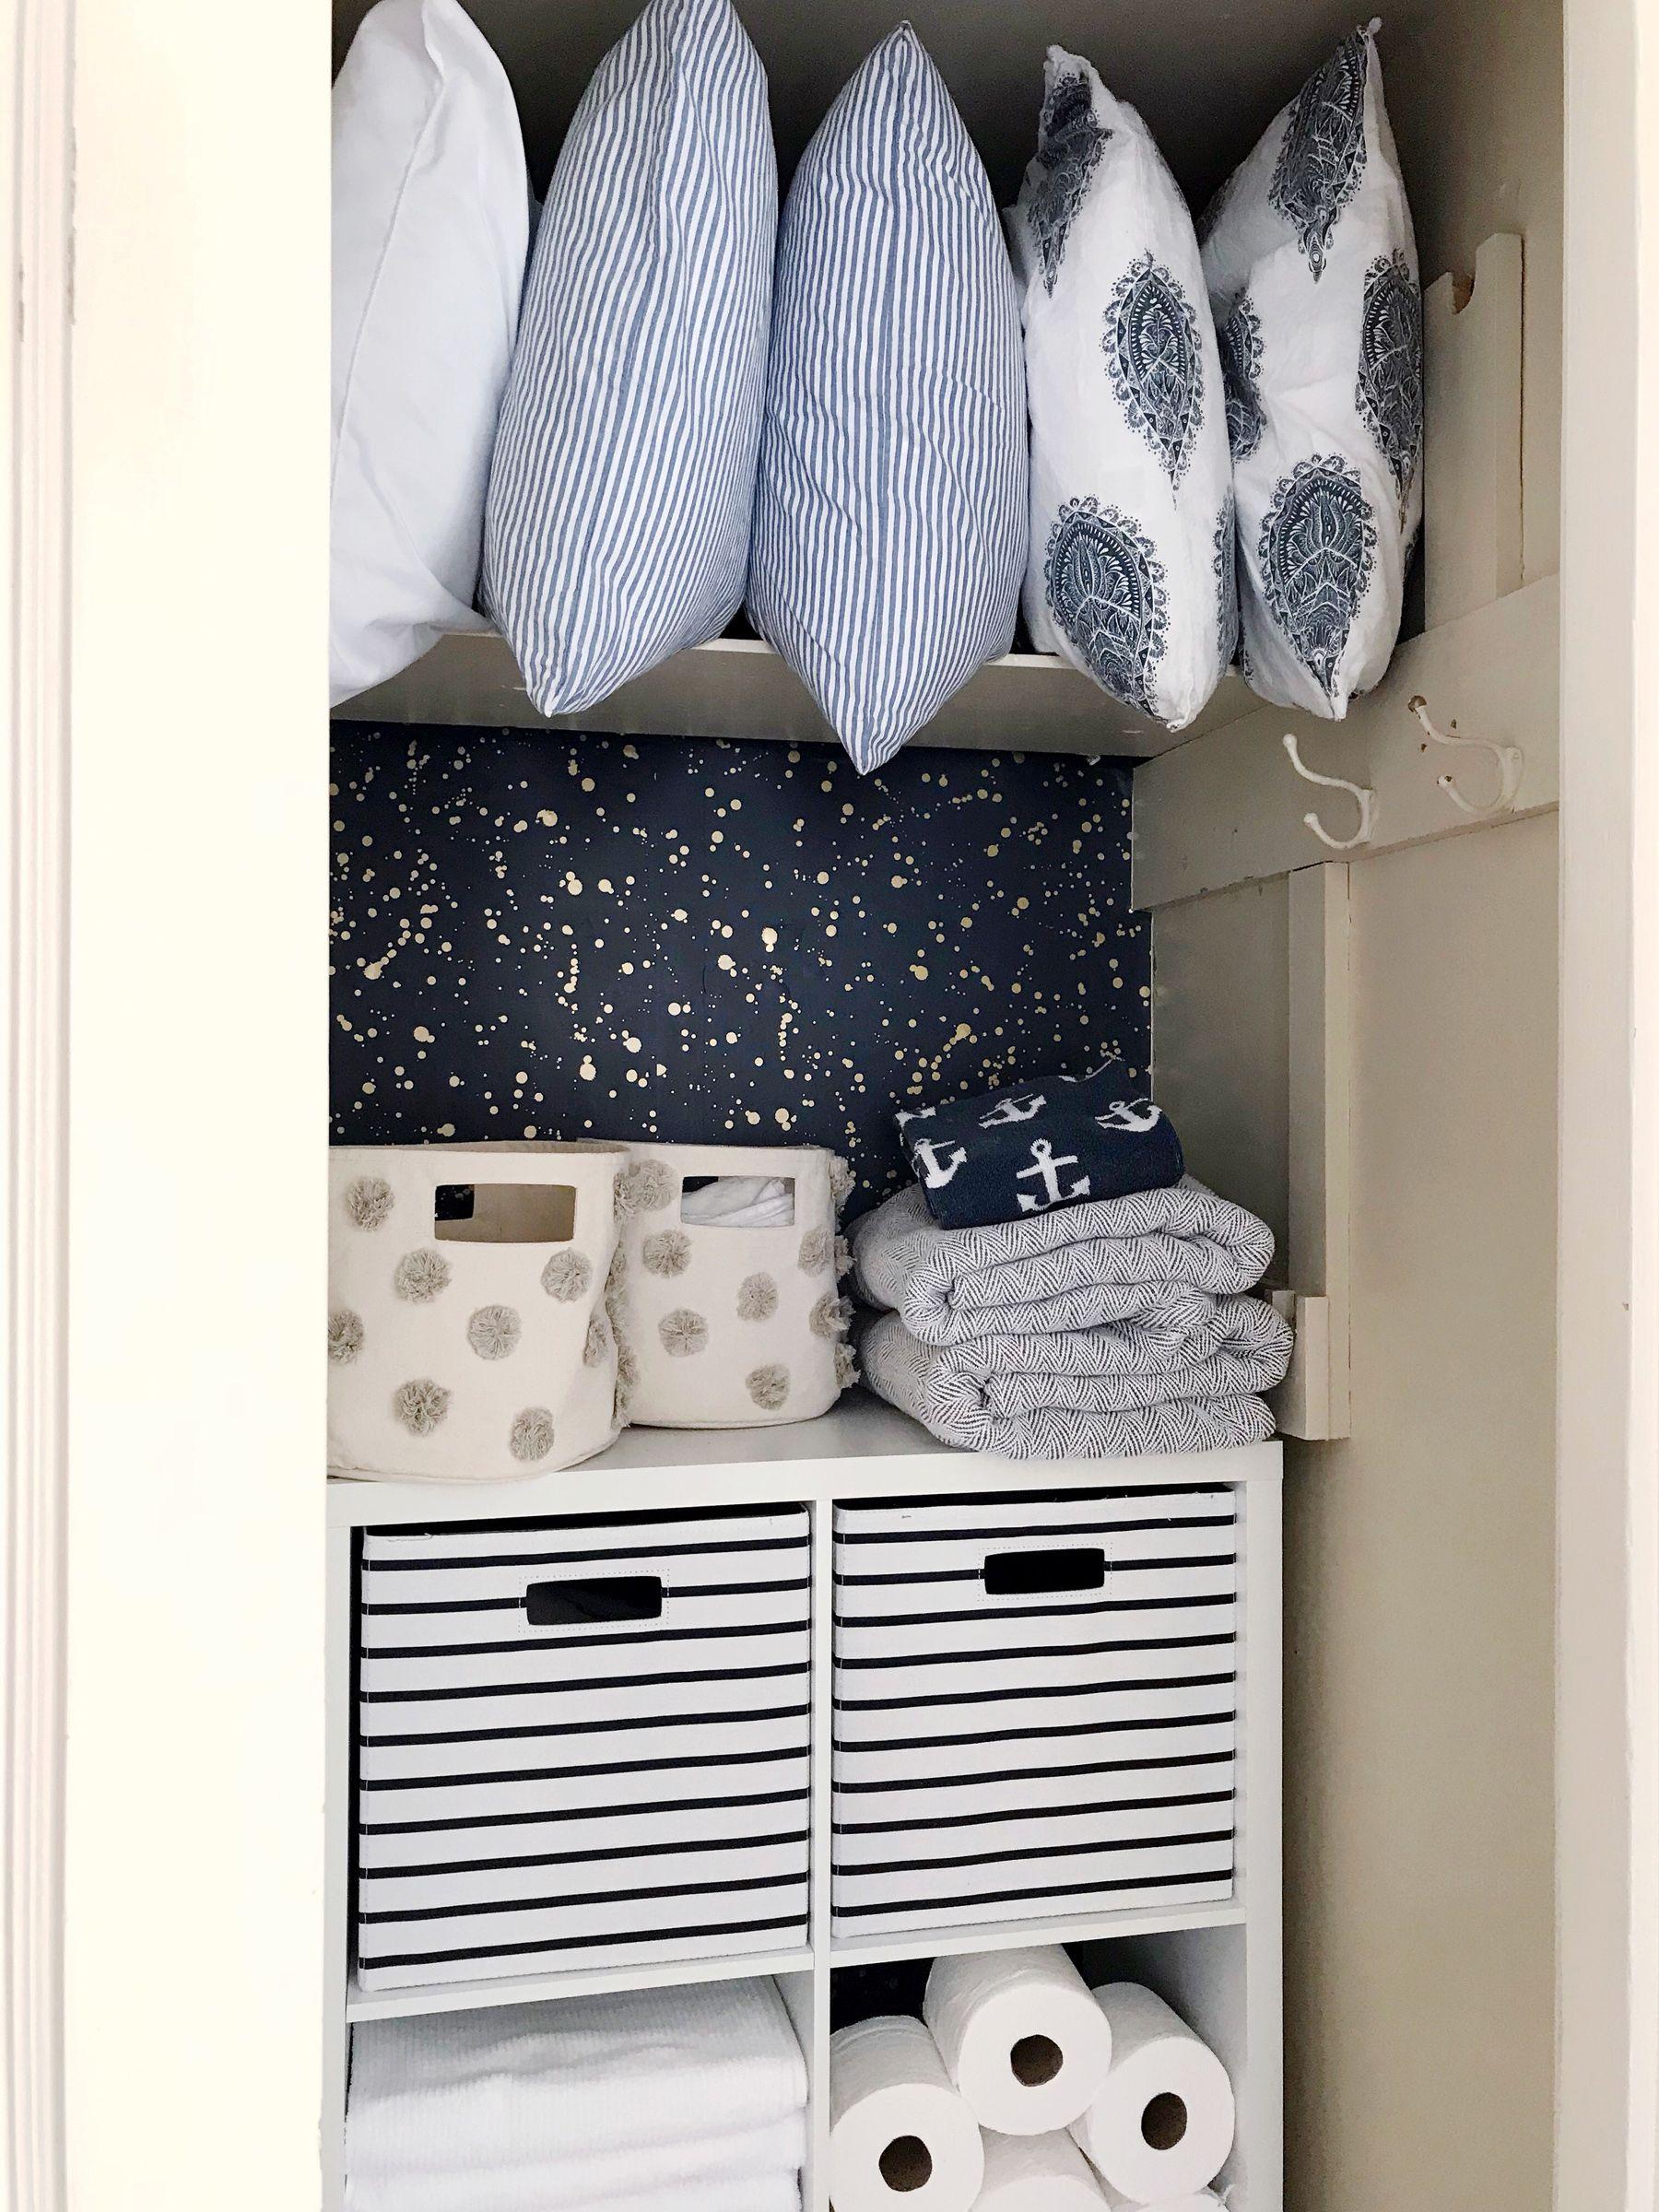 Linen Closet Organization Ideas How To Organize A Linen Closet